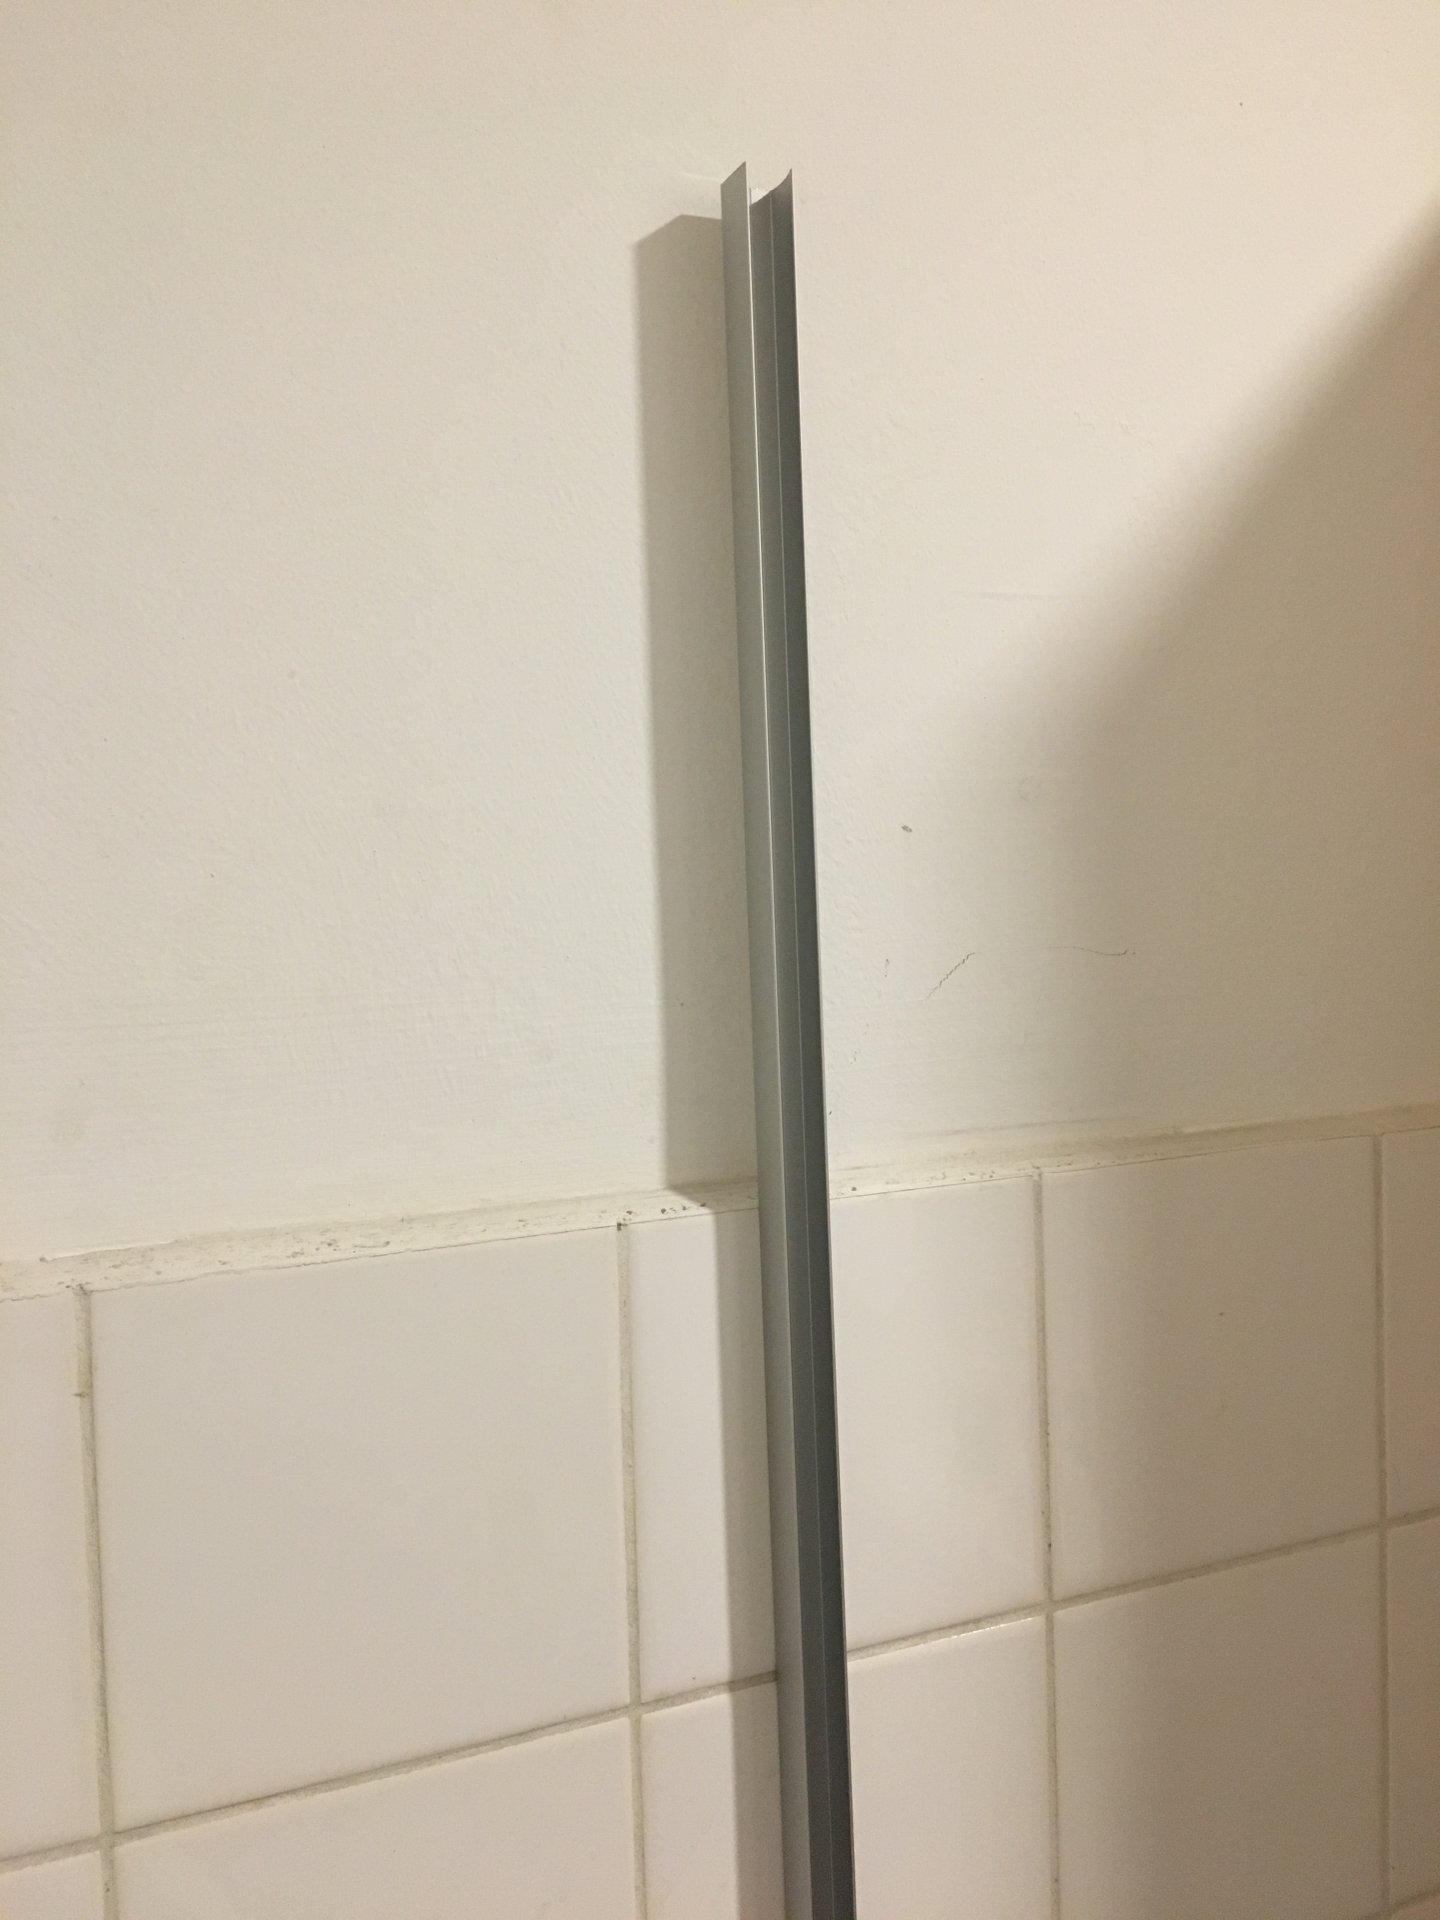 Nett Küchenfliese Wandtafeln Galerie - Ideen Für Die Küche ...